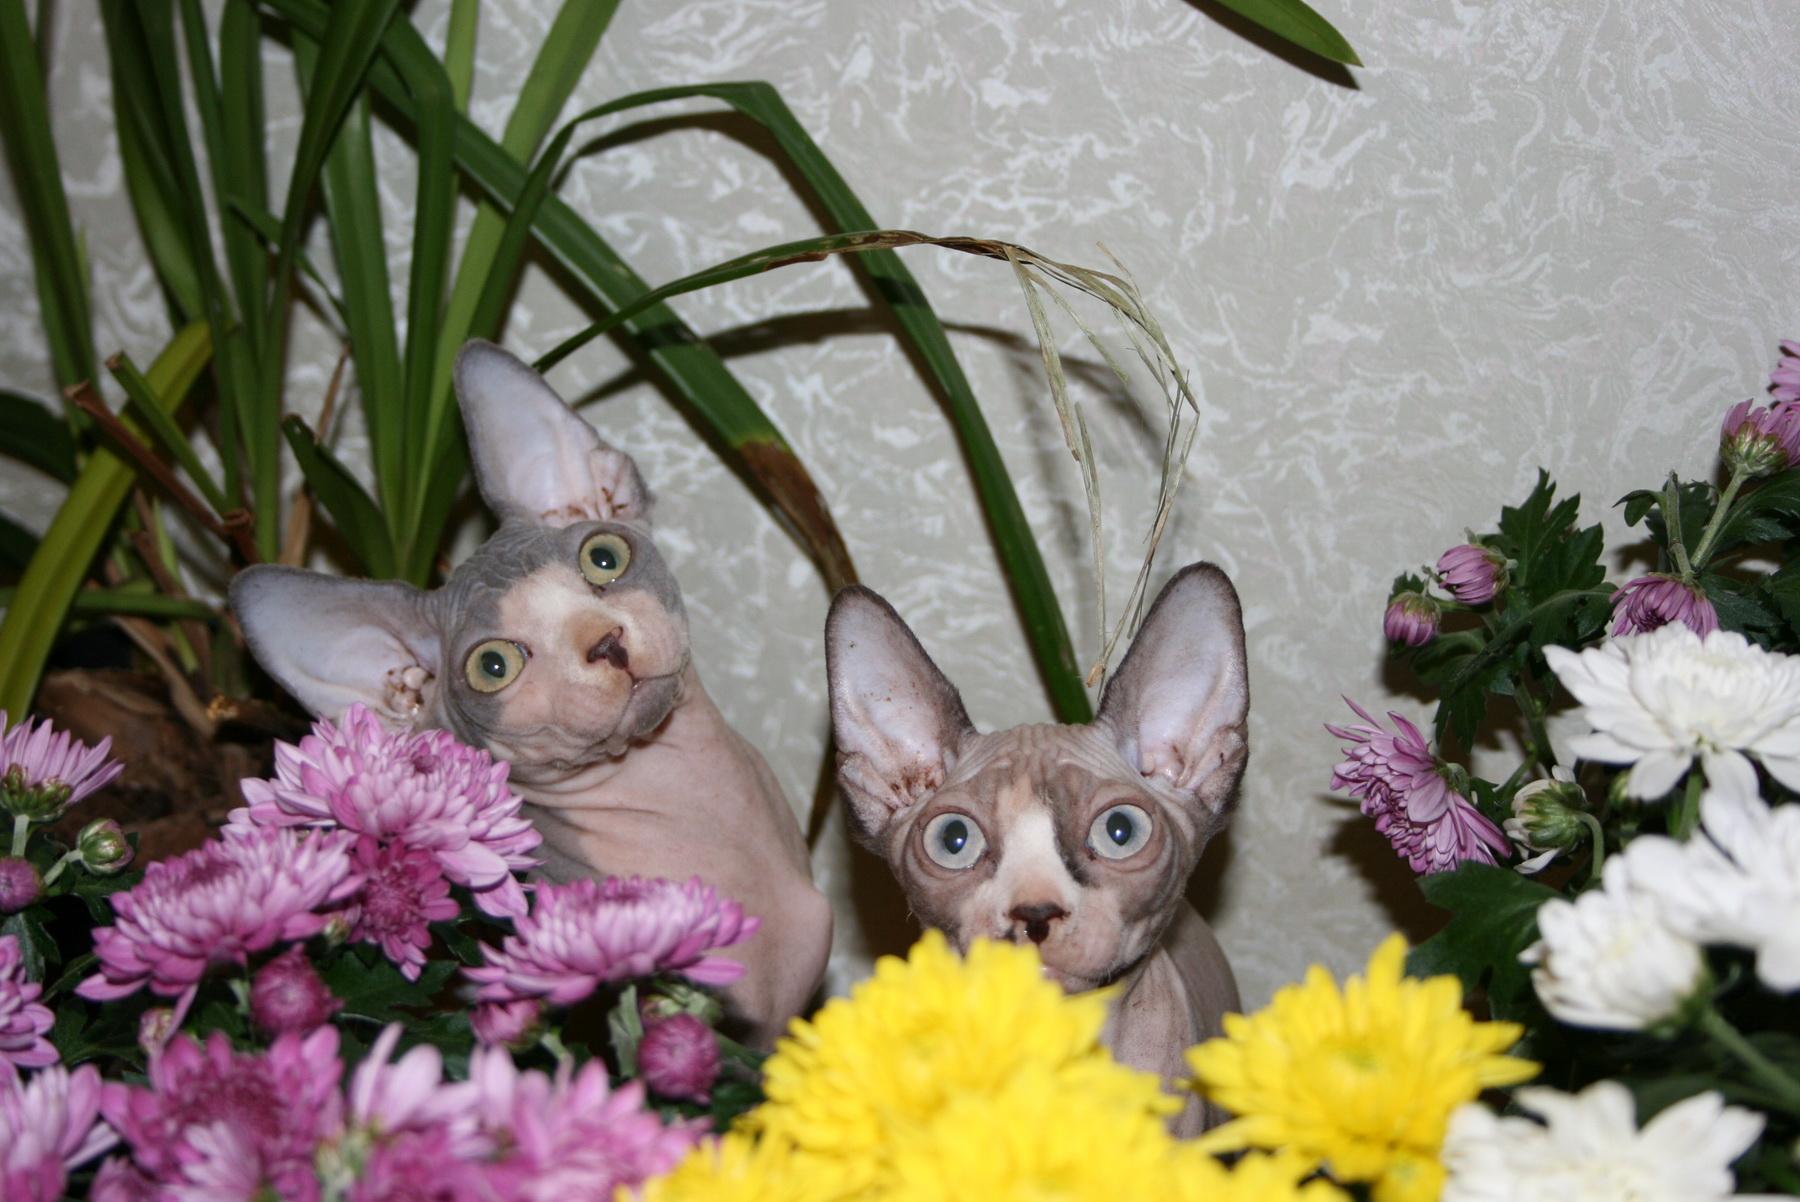 Котята канадского сфинкса, мальчик и девочка